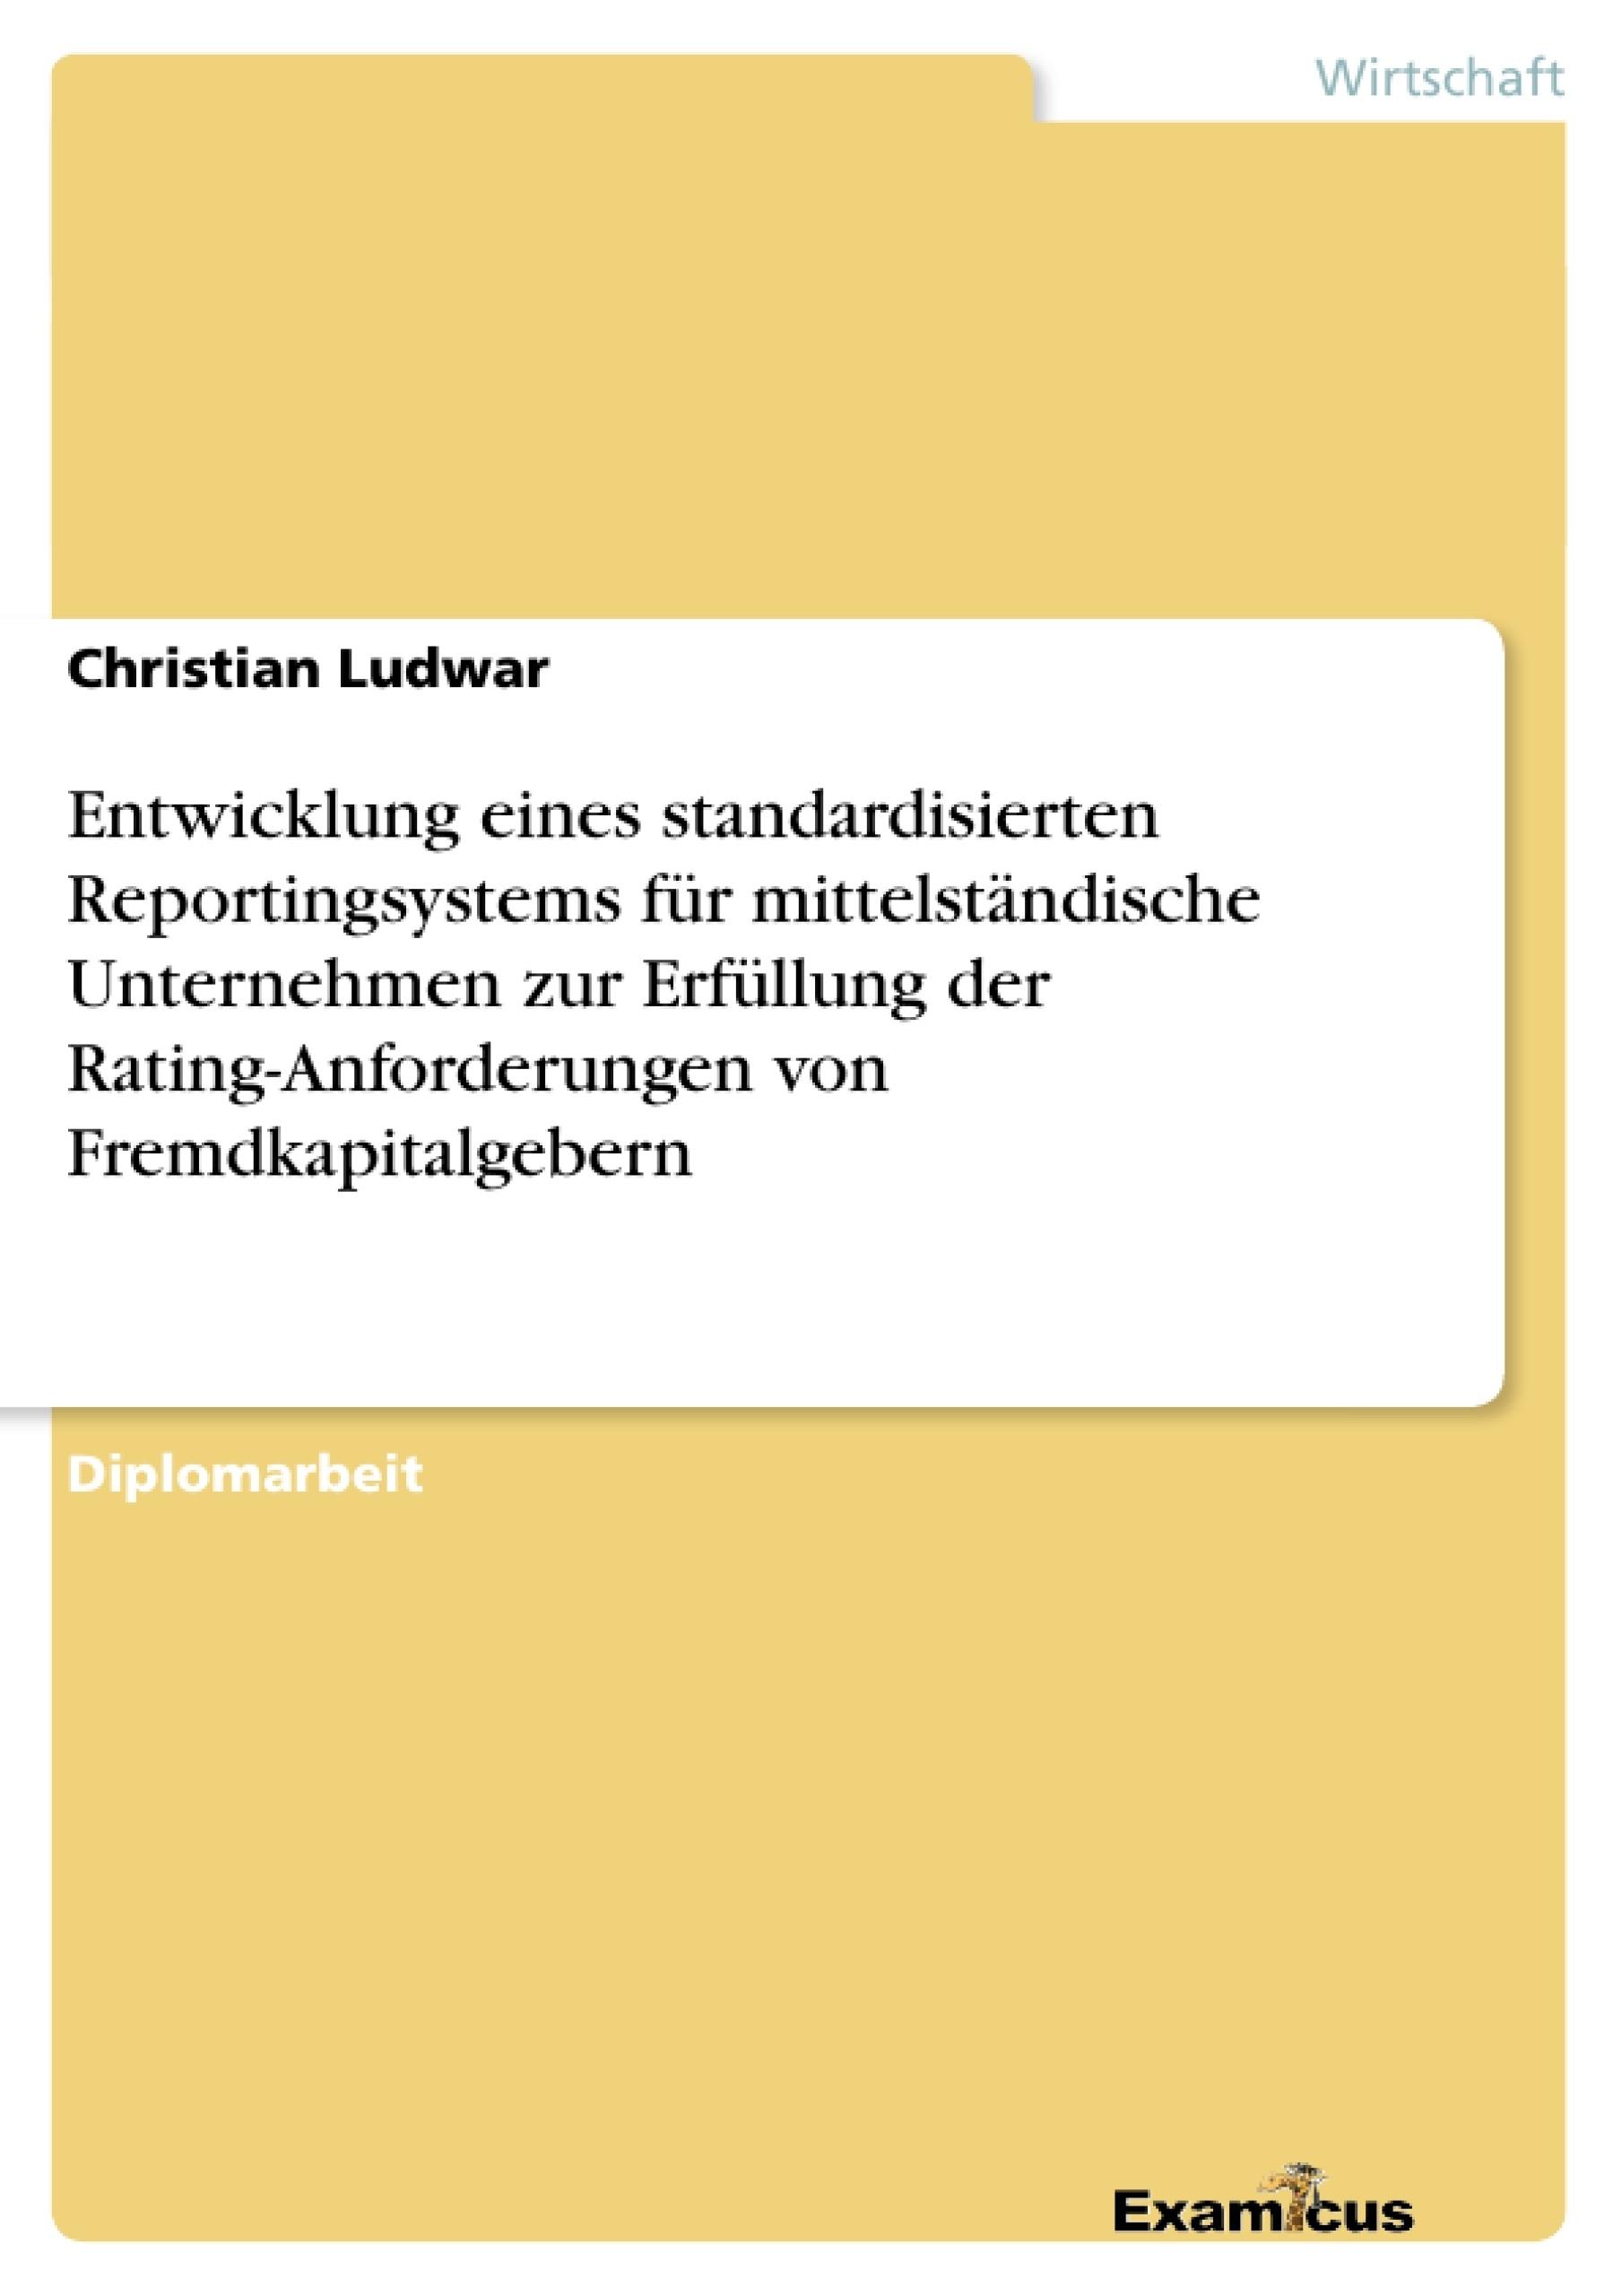 Titel: Entwicklung eines standardisierten Reportingsystems für mittelständische Unternehmen zur Erfüllung der Rating-Anforderungen von Fremdkapitalgebern